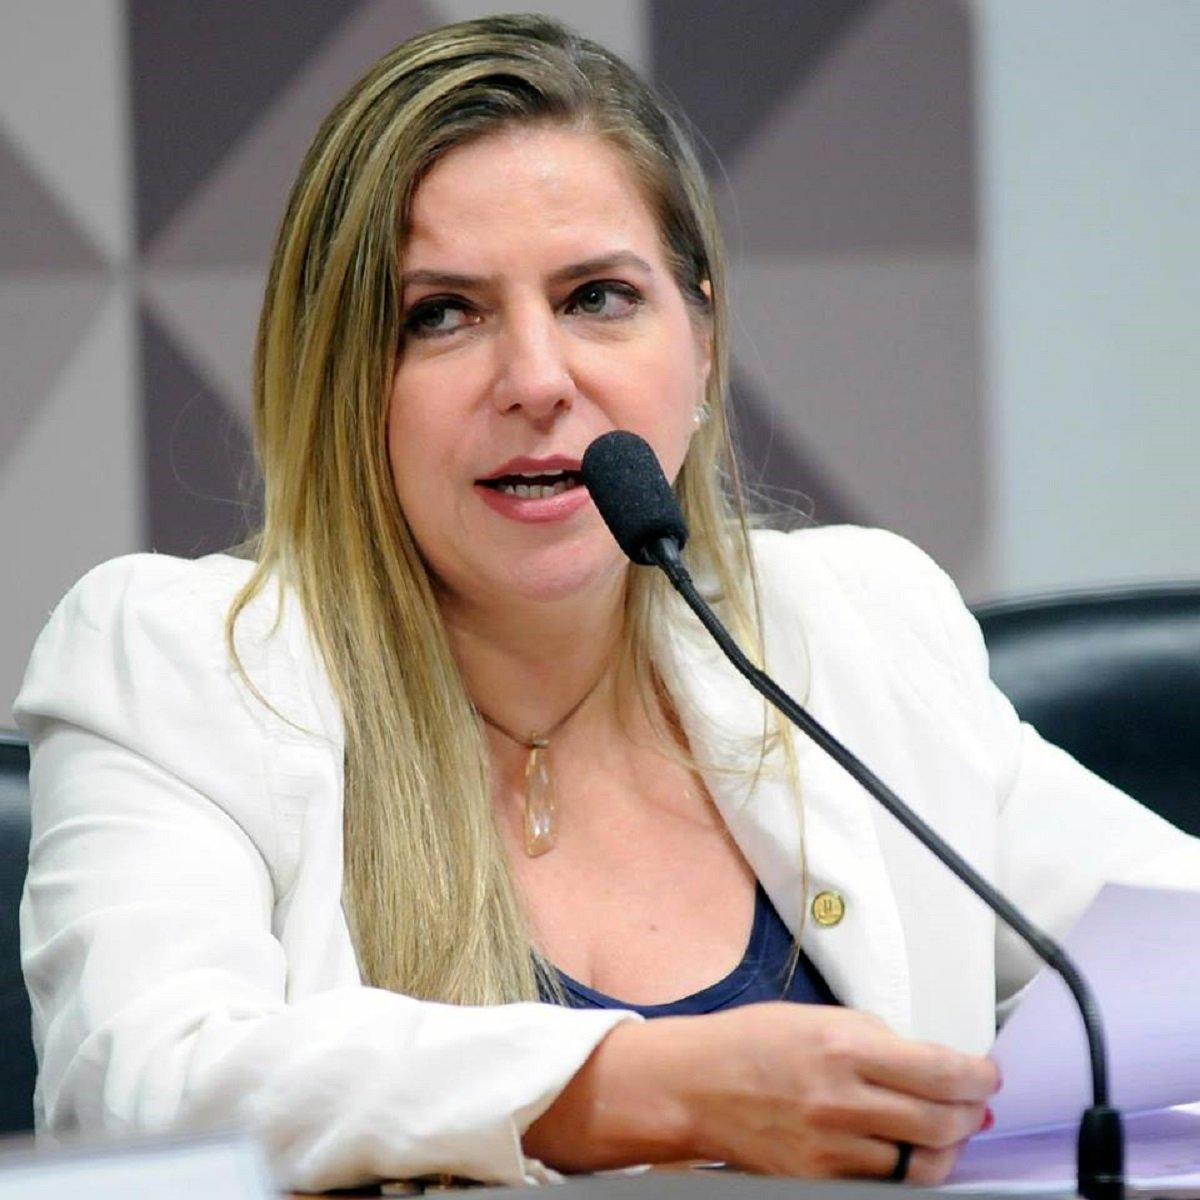 """Manifestando o sentimento coletivo de indignação e revolta dos apoiadores do ex-presidente Luis Inácio Lula da Silva com a decisão de ontem do Supremo Tribunal Federal (STF), que negou o Habeas Corpus a Lula e abriu caminho para a decretação de sua prisão, a deputada federal Luizanne Lins (PT-CE) criticou o resultado do julgamento. """"Justiça não é perseguição política! Passaram por cima da Constituição"""""""